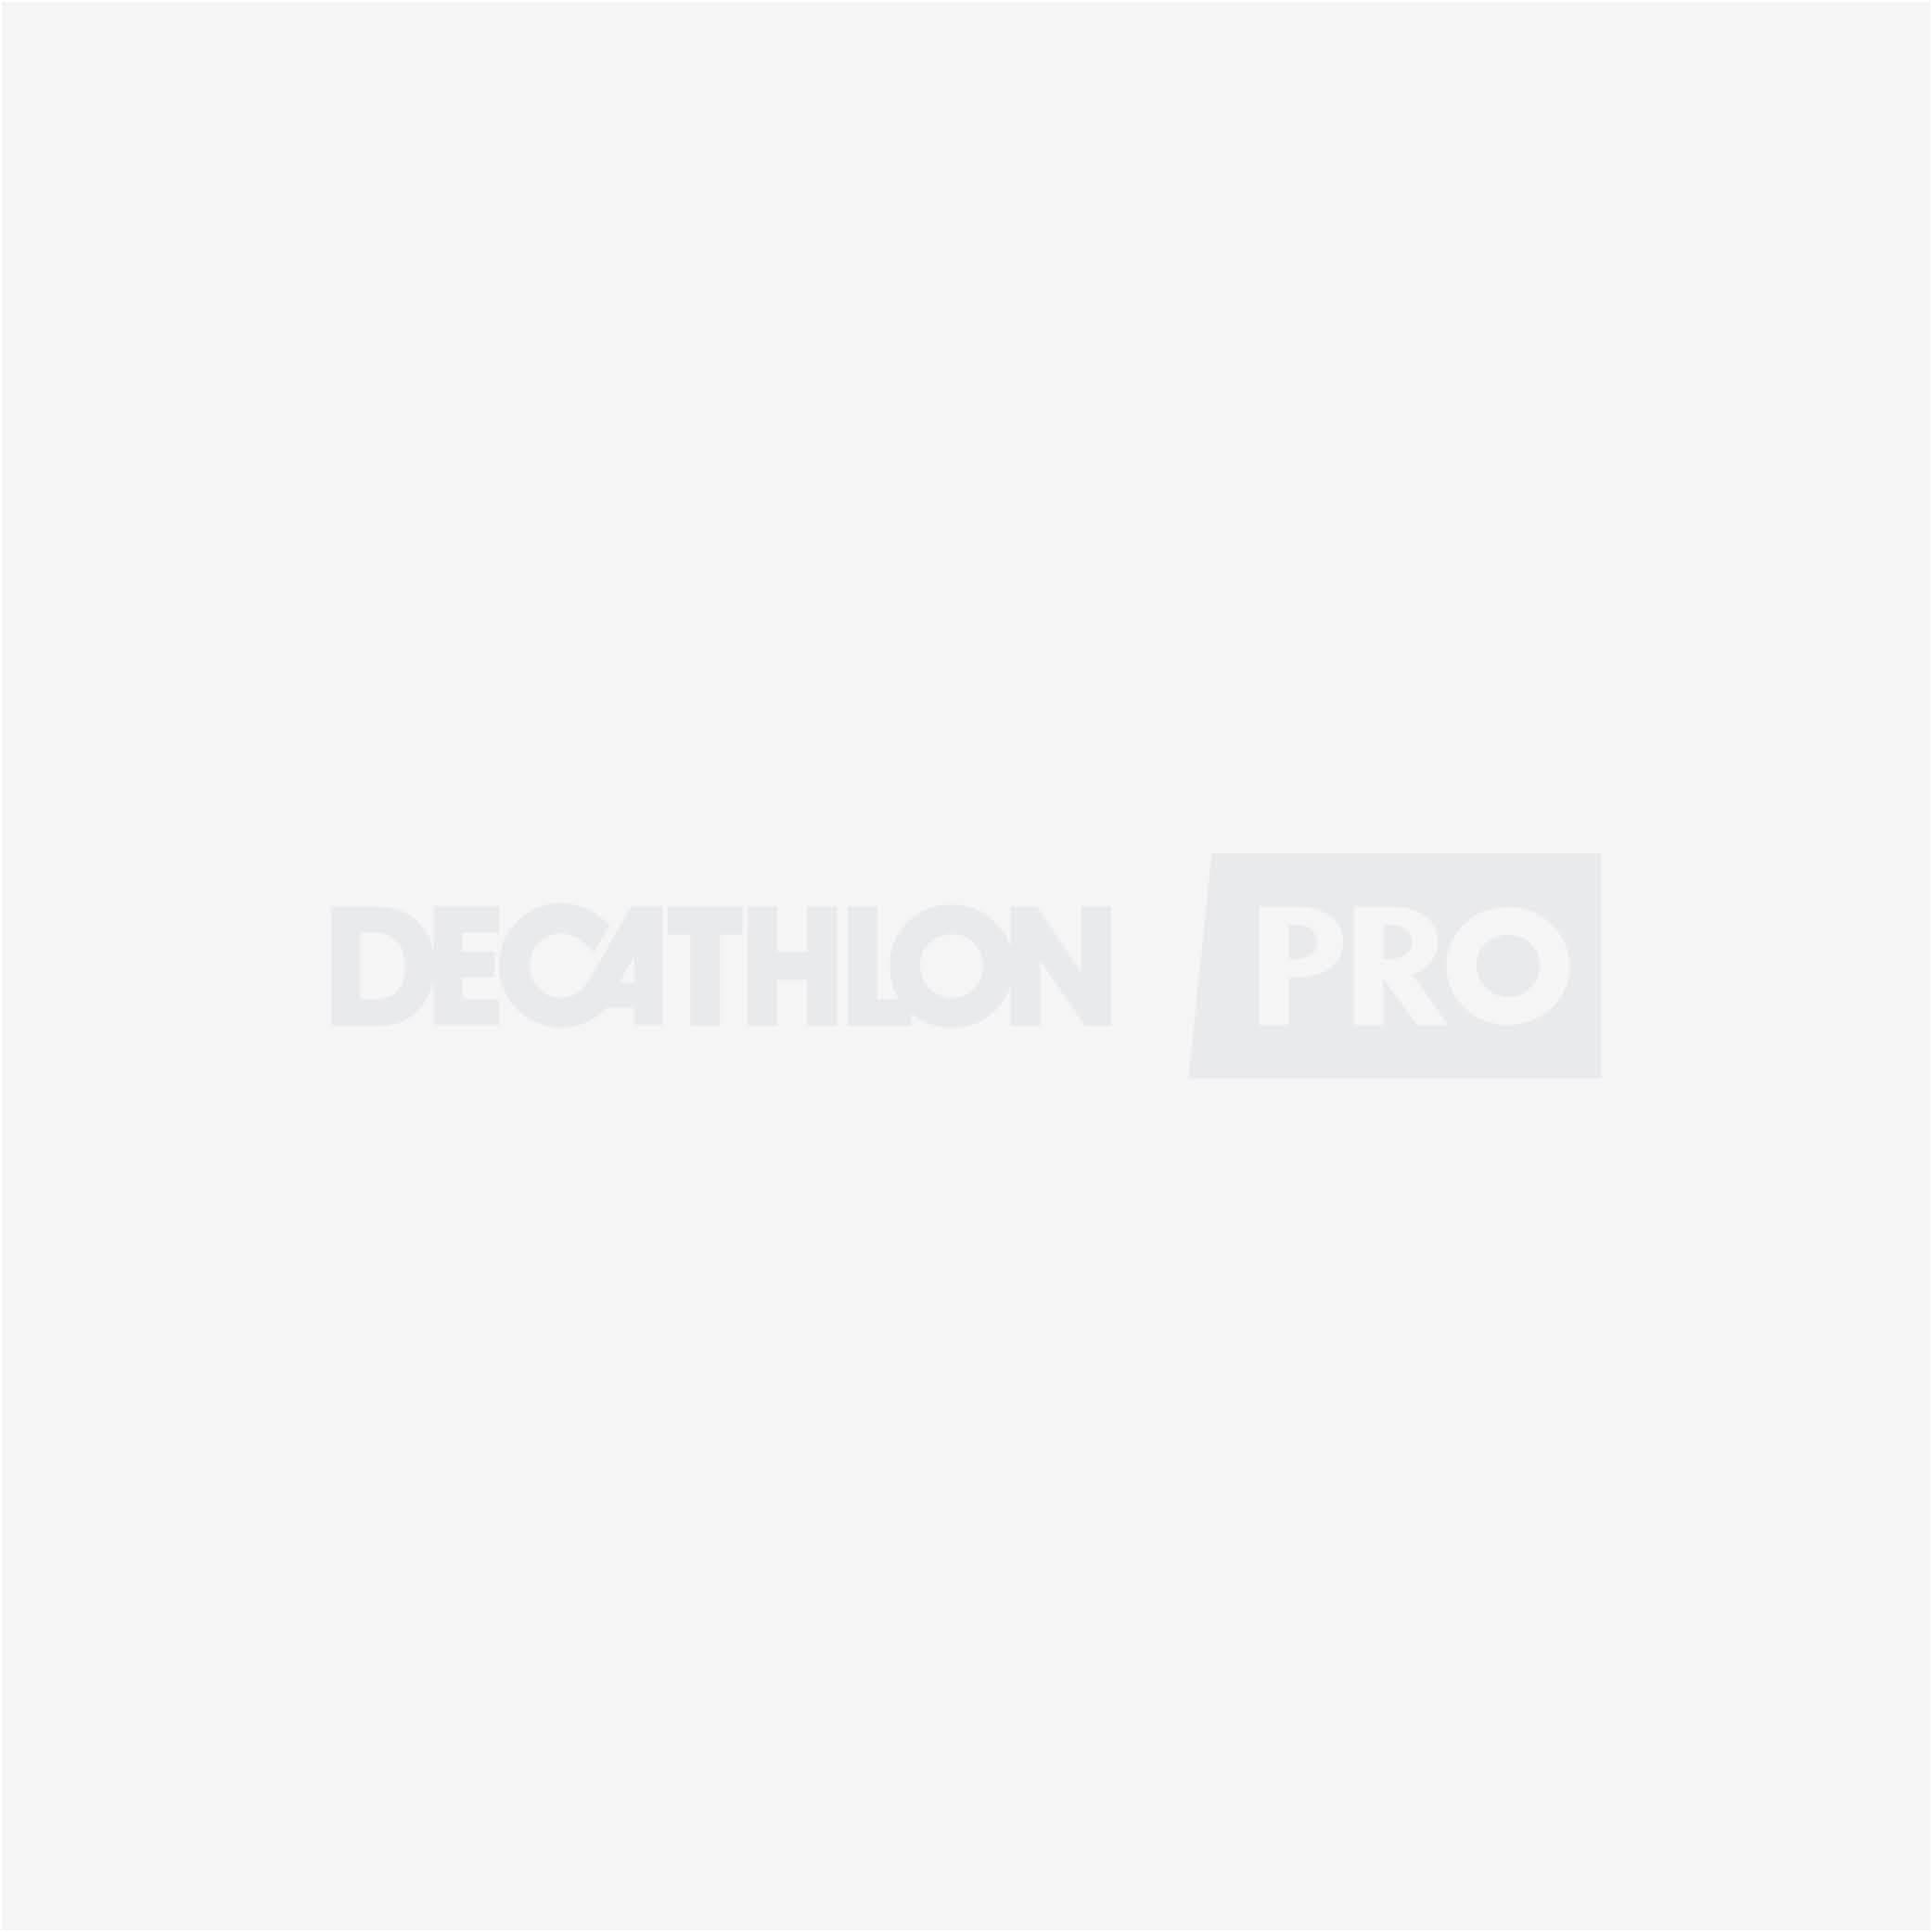 Team DecathlonPro